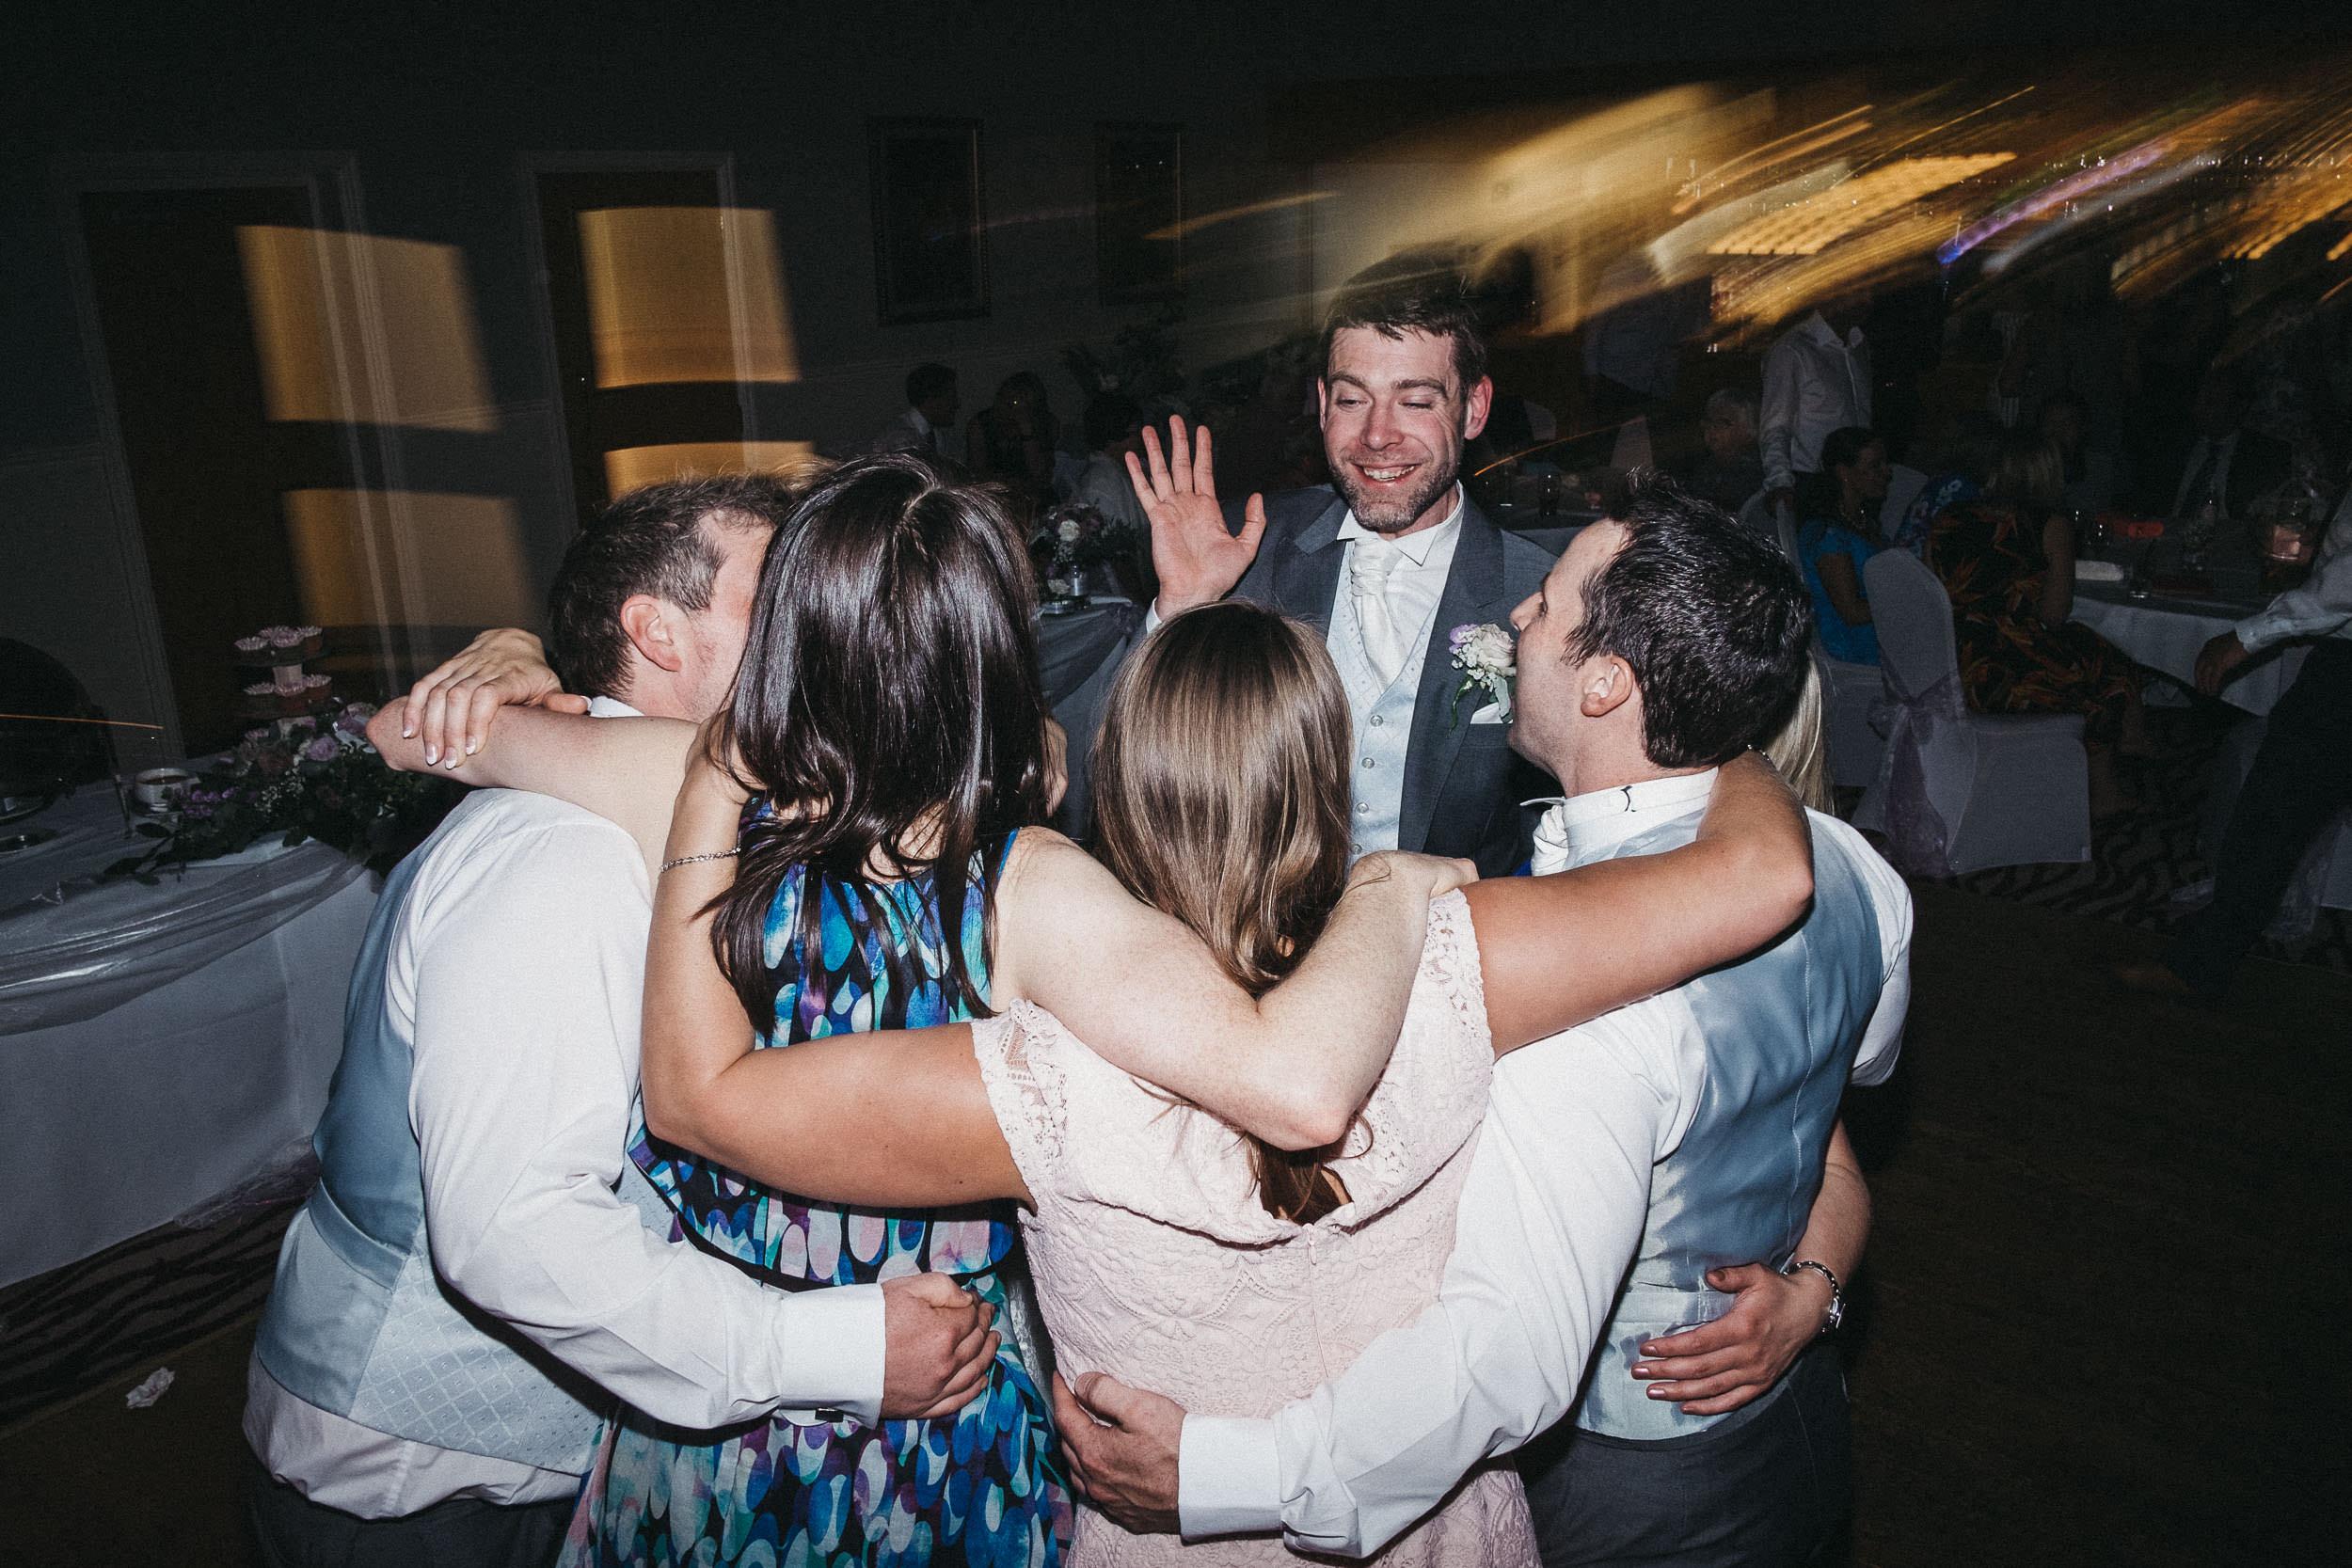 Groomsman squeezes into group hug on dance floor